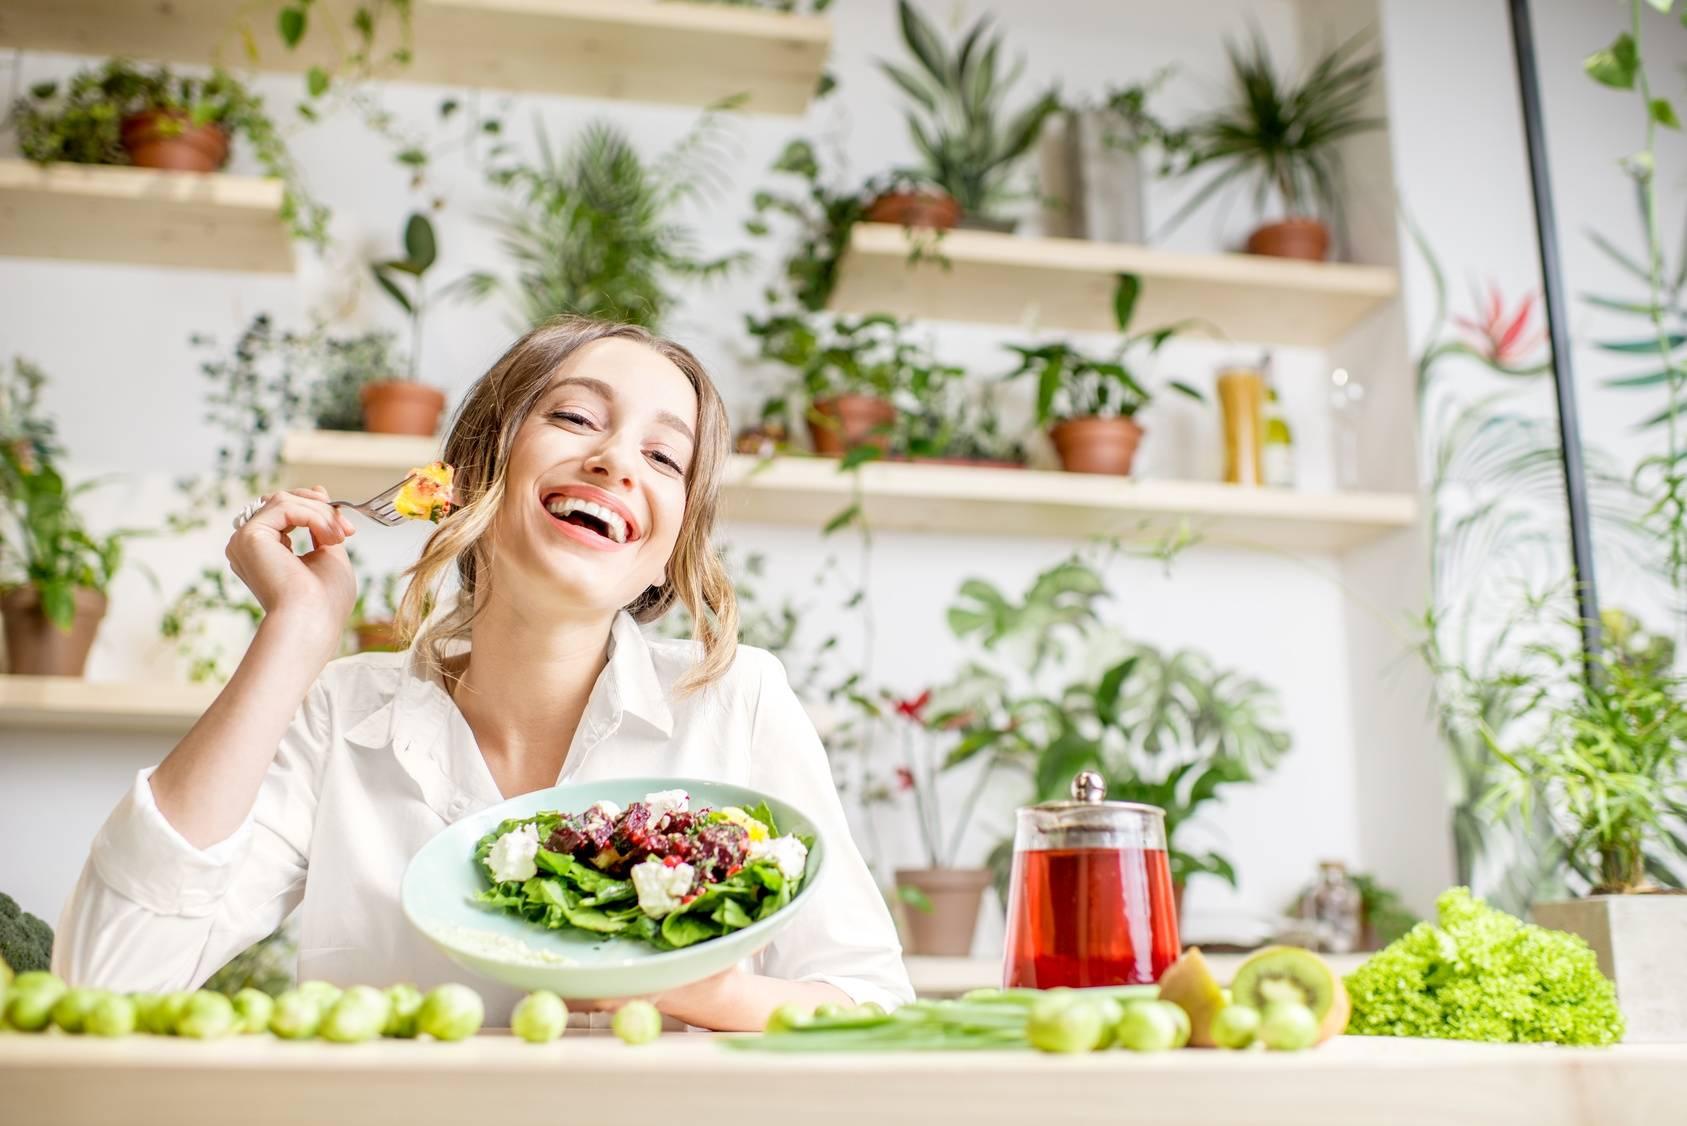 Jak się zdrowo odżywiać, by być szczupłą i zdrową? Na czym polega walka z otyłością? Młoda kobieta je sałatkę.